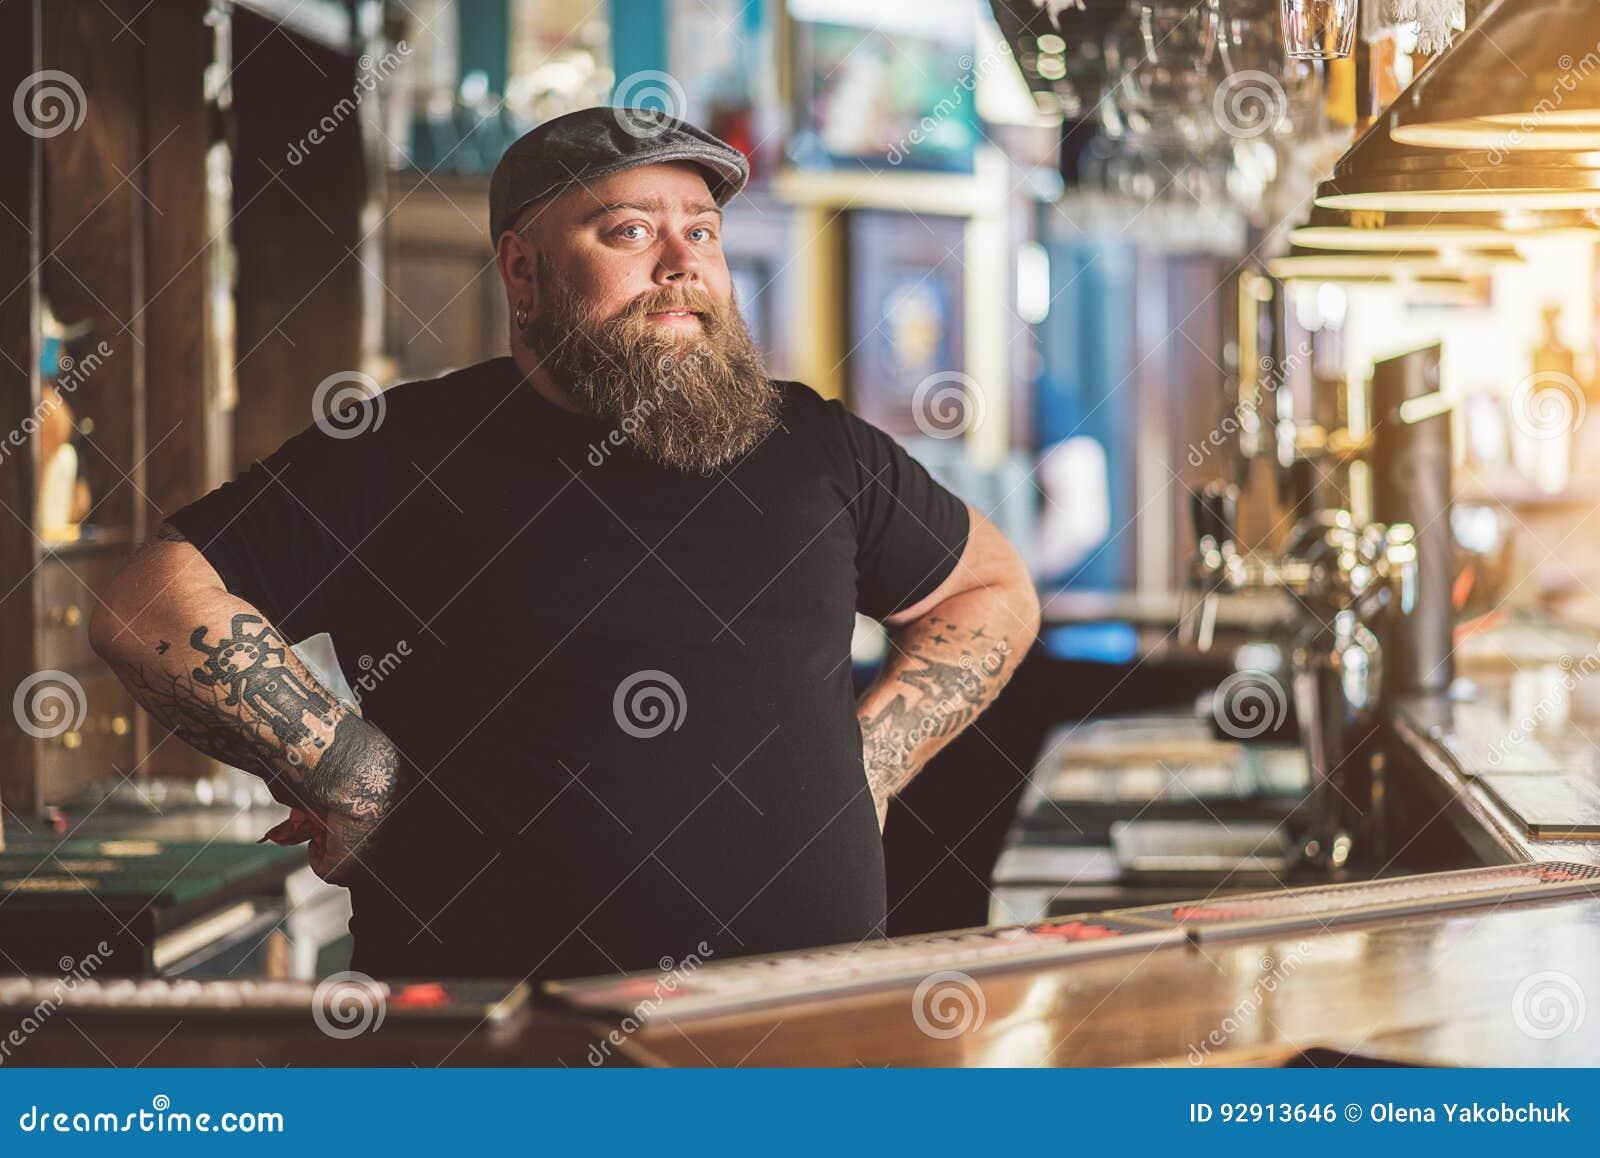 Tatuujący barman pracuje w pubie